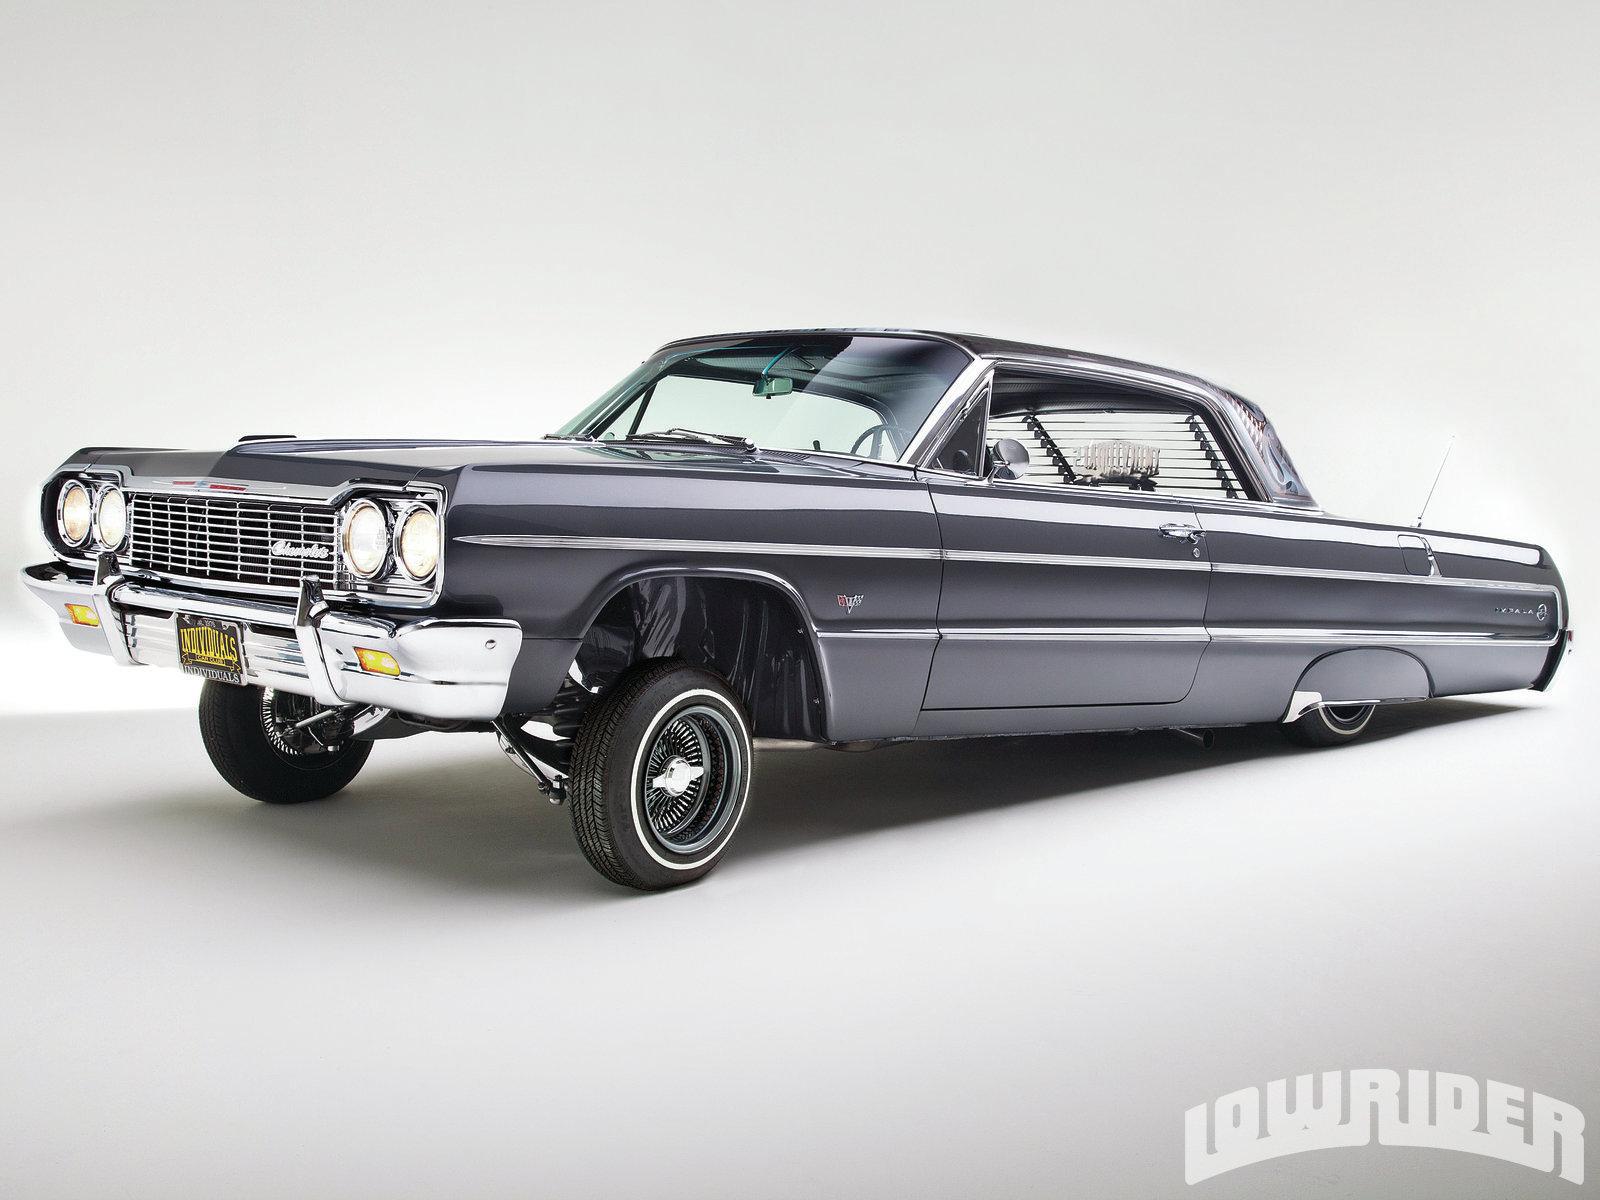 Impala Paint Jobs